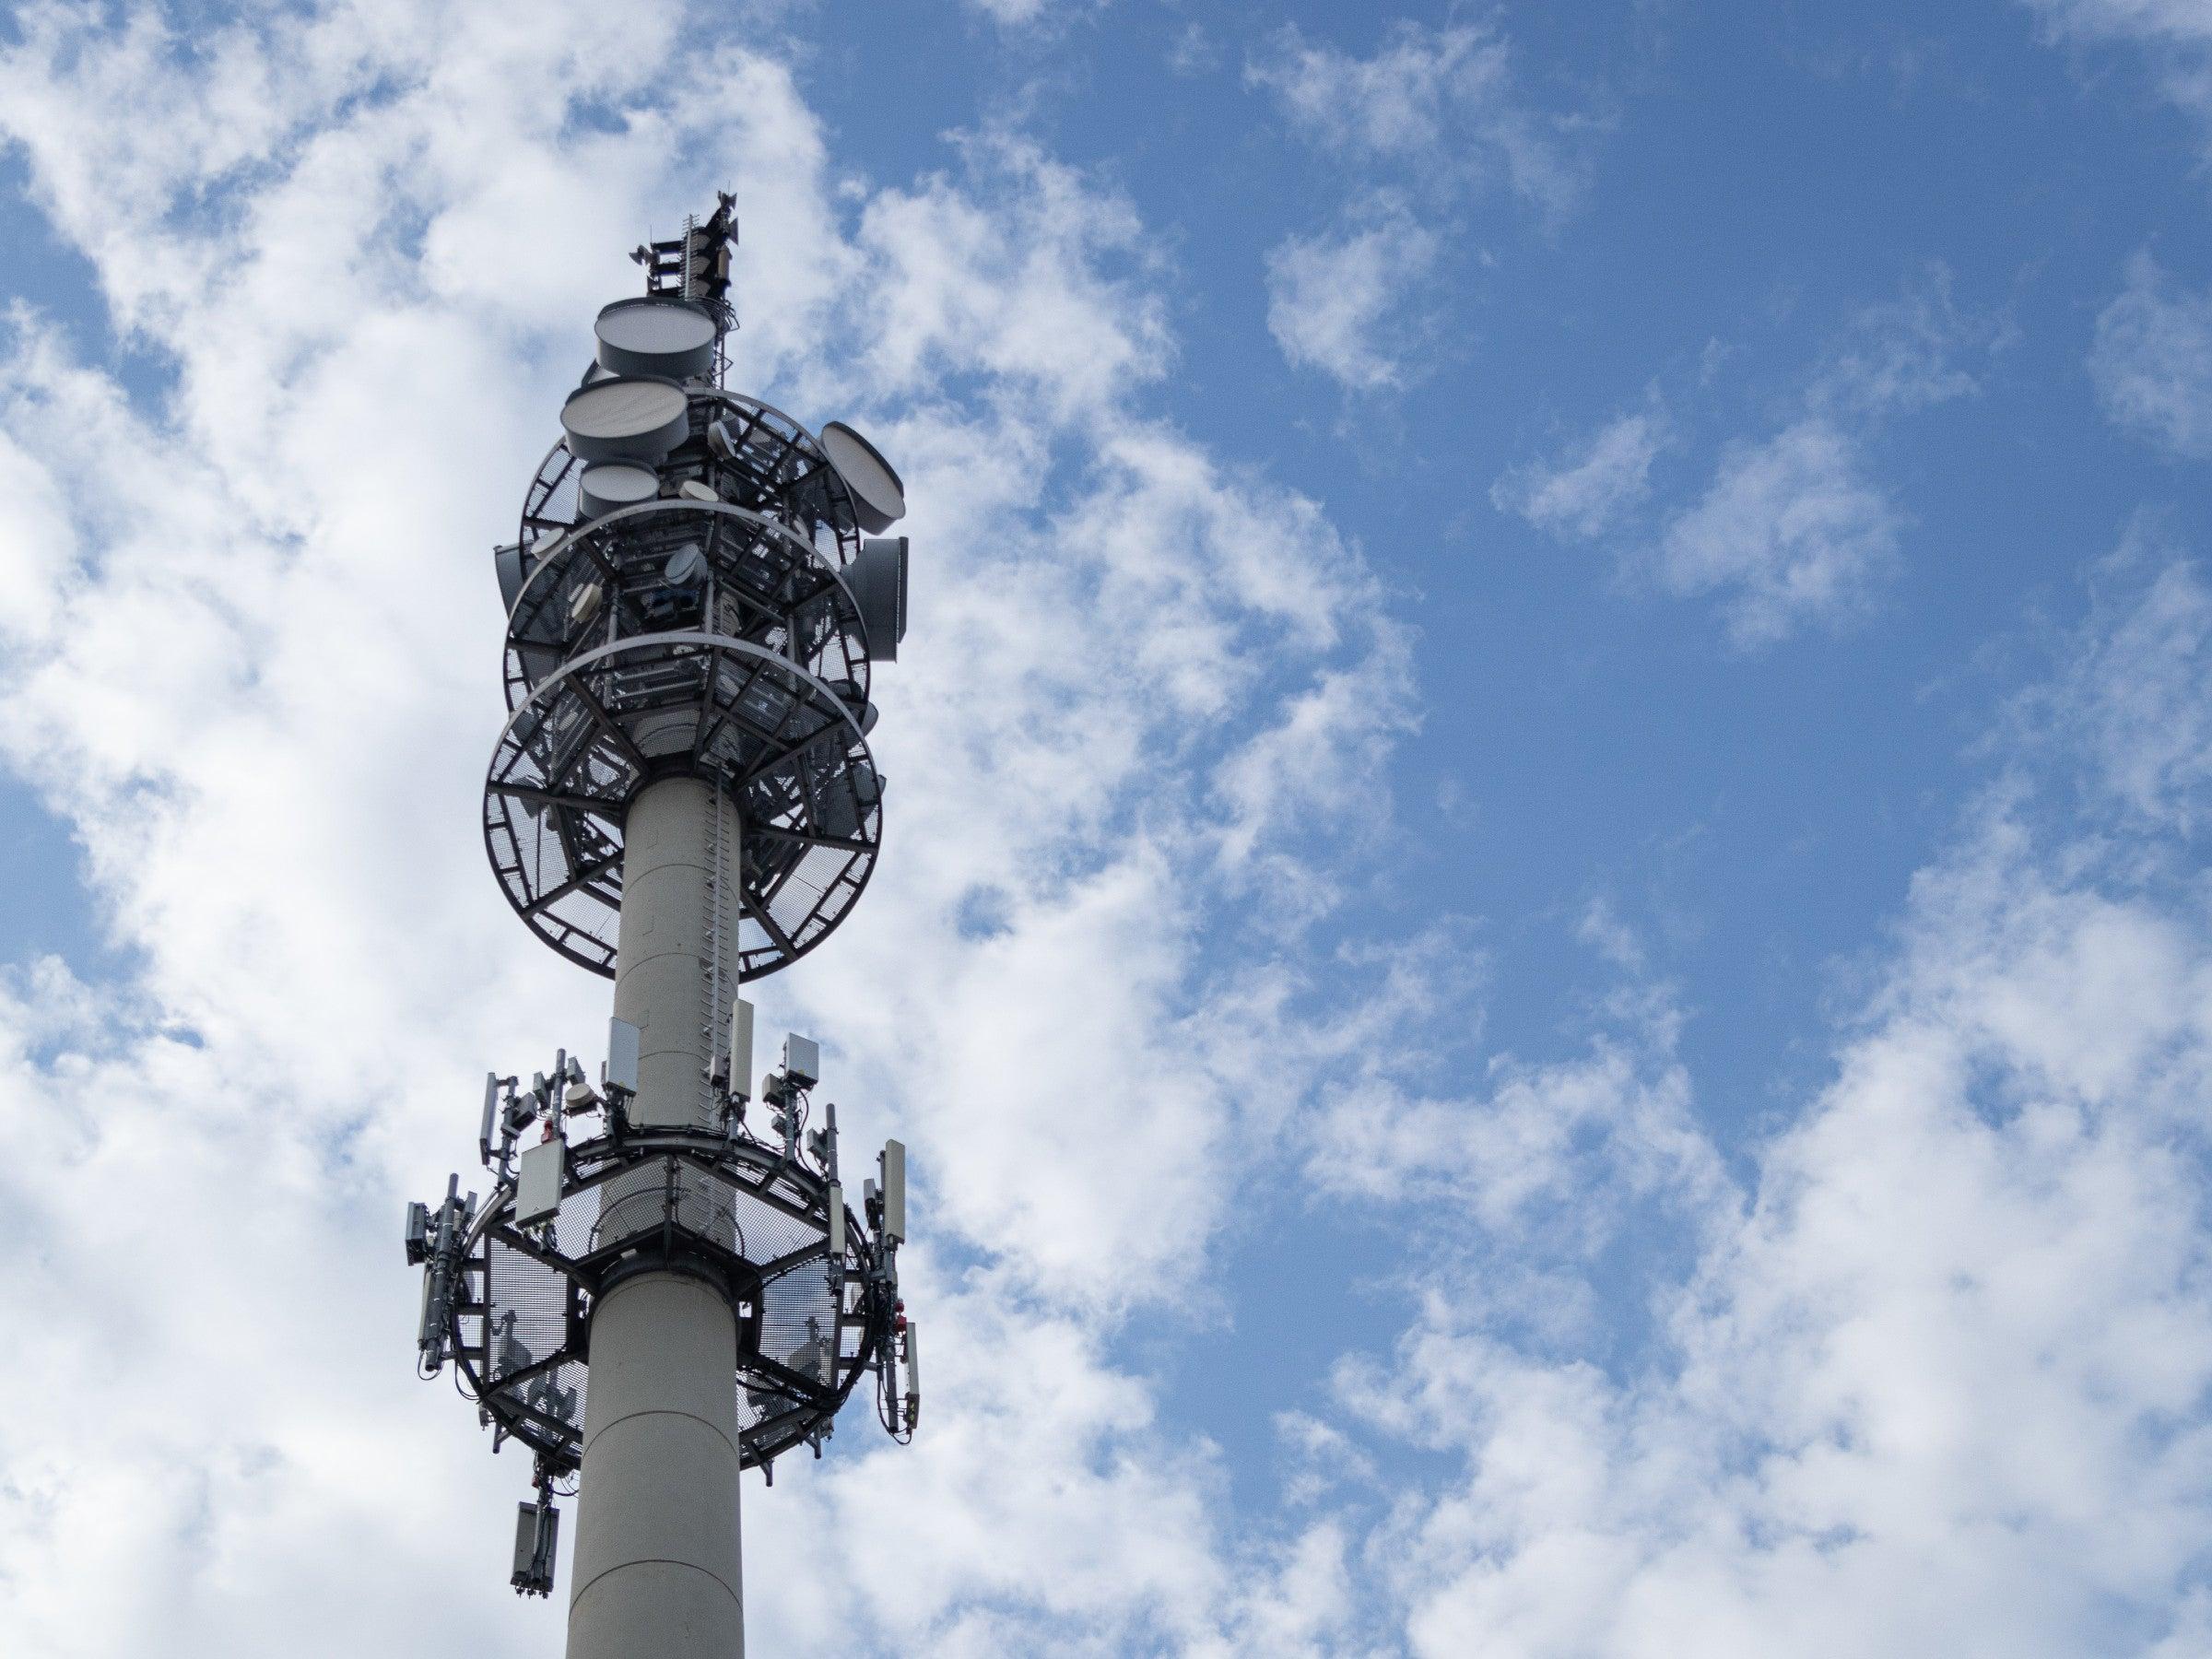 5G-Antennen-Mast vor bewölktem Himmel